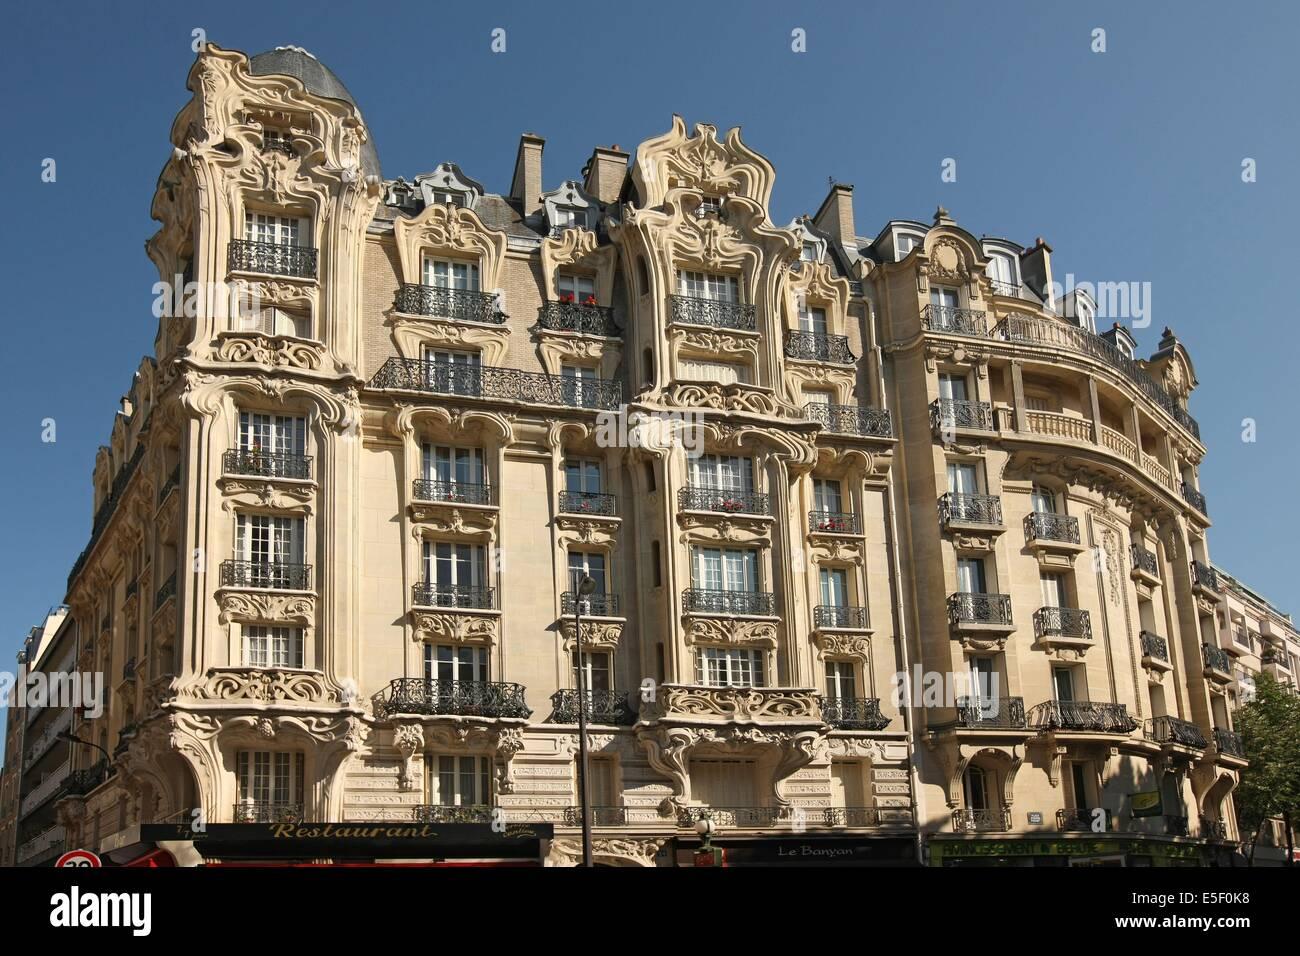 France, paris 15e arrondissement, 24 avenue felix faure, immeuble ancien d'inspiration art nouveau, - Stock Image